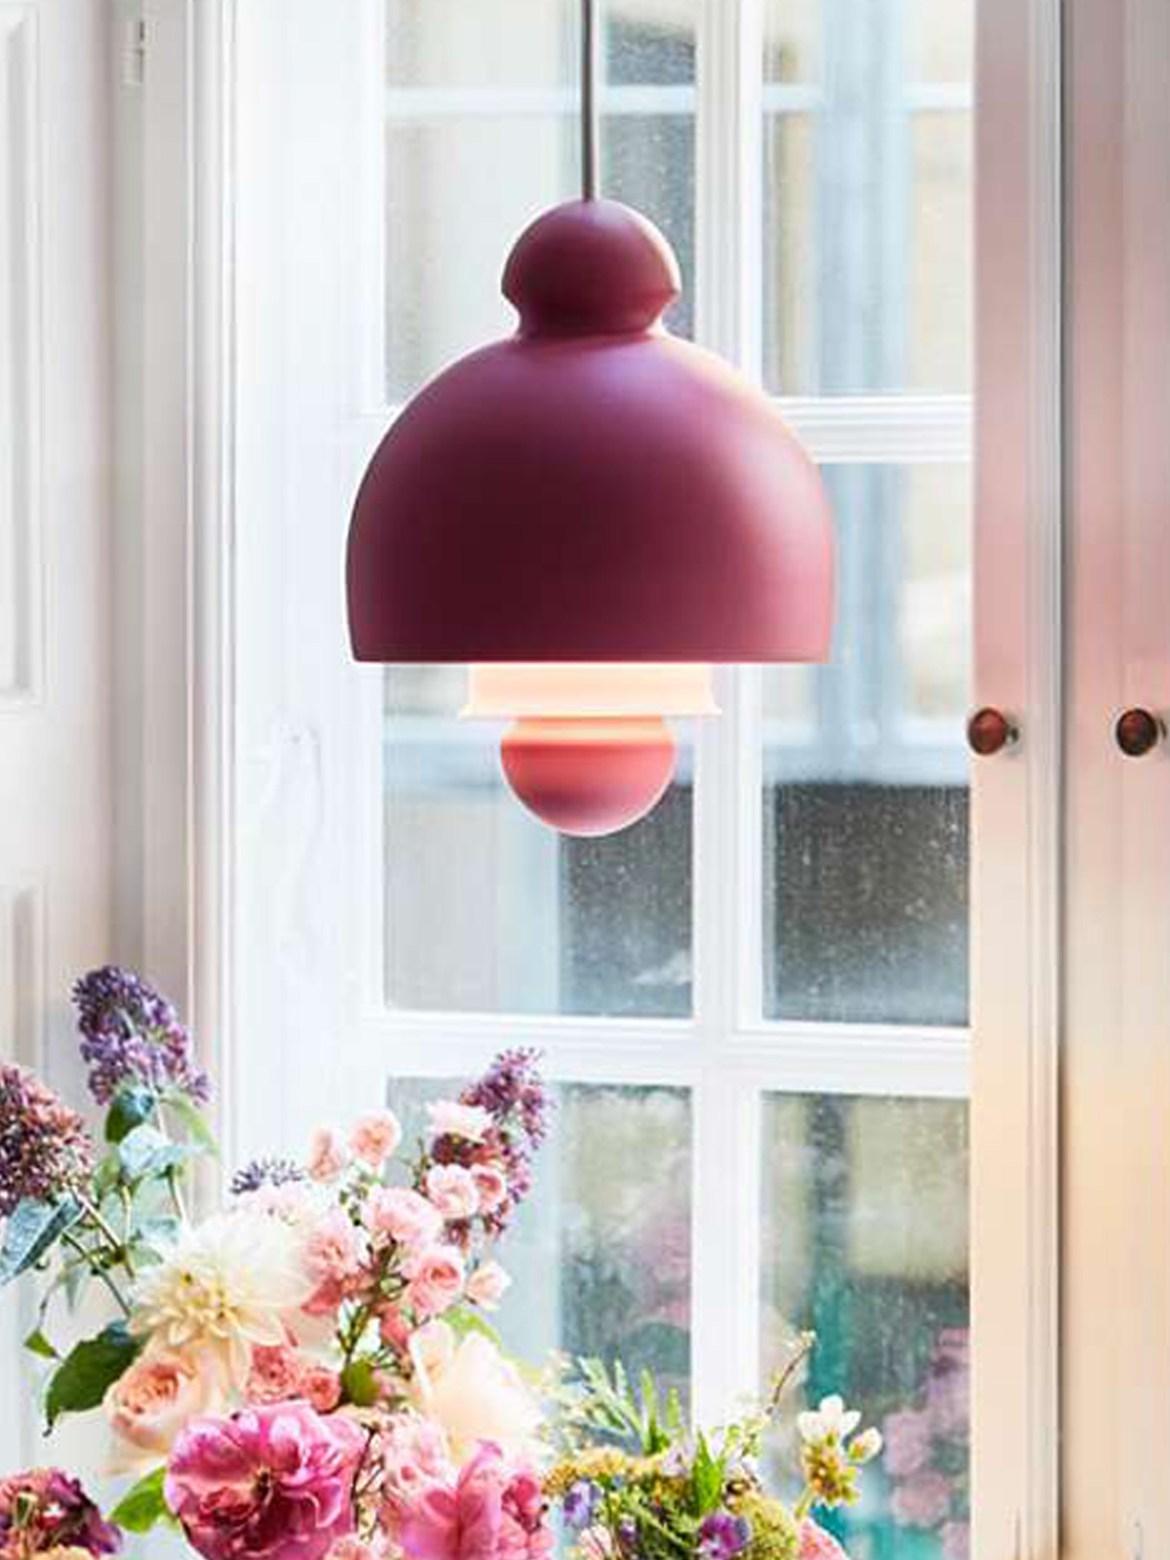 DesignOrt Blog: klassische Designerleuchten Le Klint Antoni Lamp